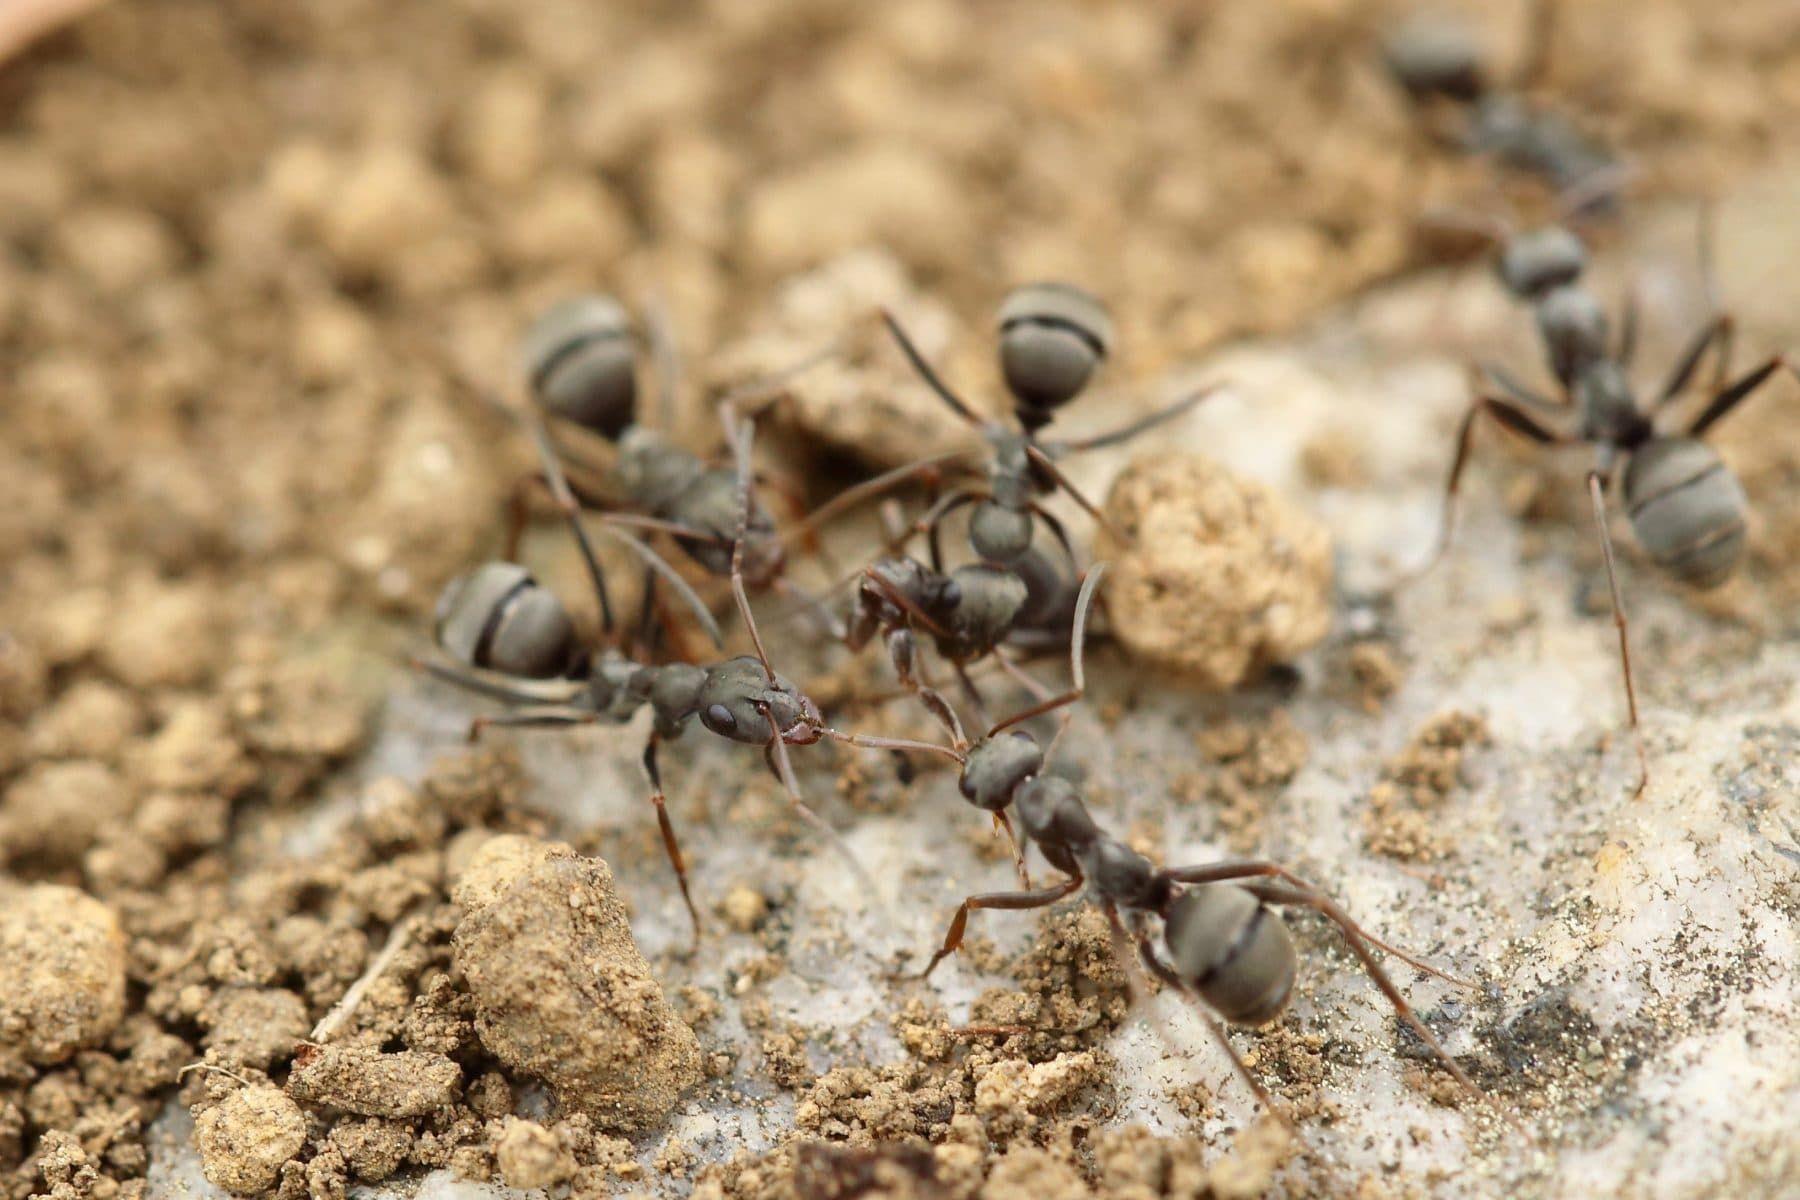 Hoe houd je mieren buiten de deur en hoe kun je mieren